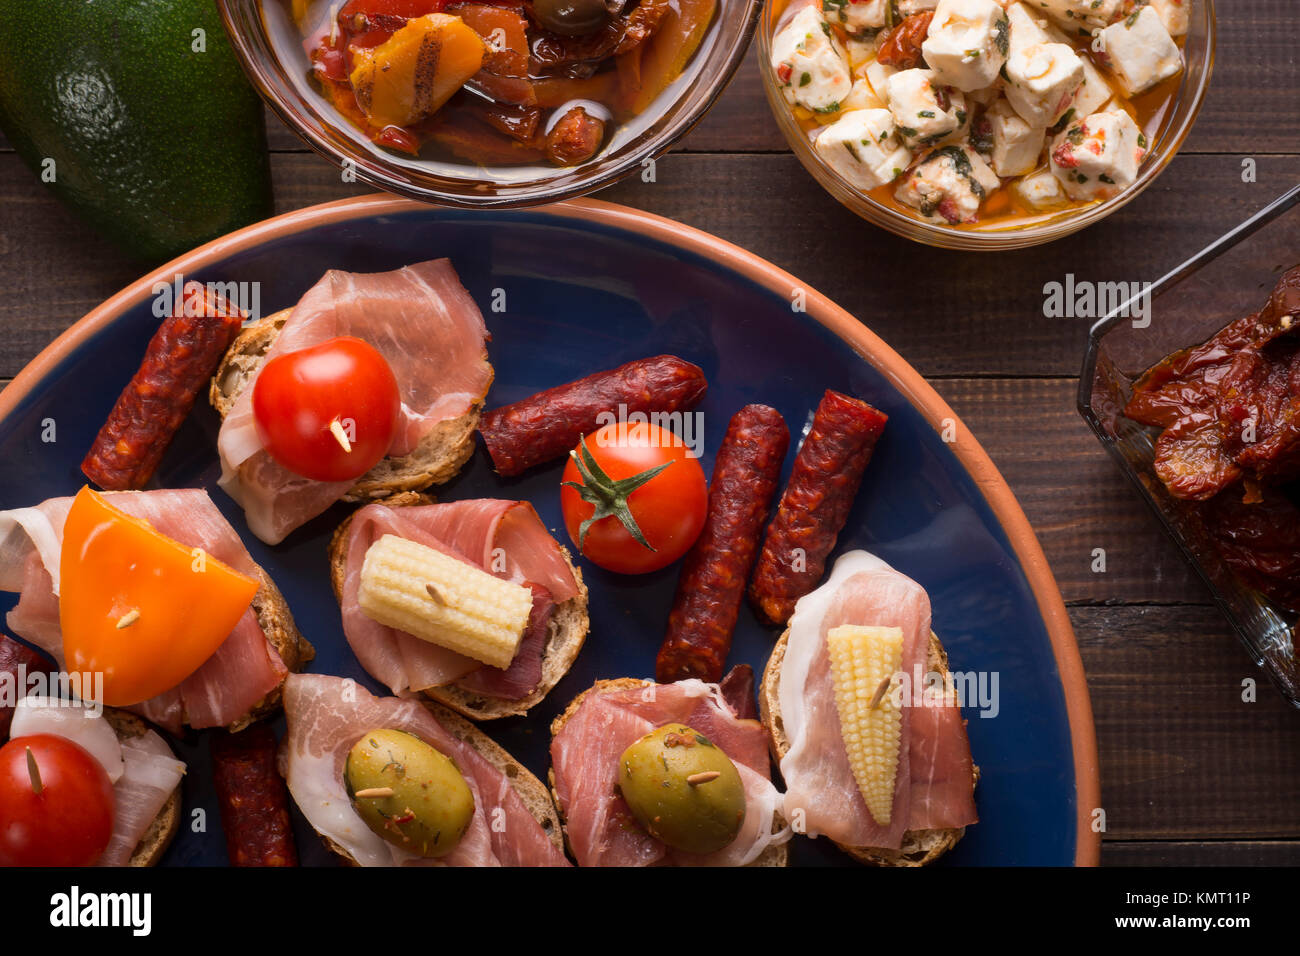 Démarreurs mixtes partage des tapas espagnoles sur la table. Vue d'en haut Photo Stock